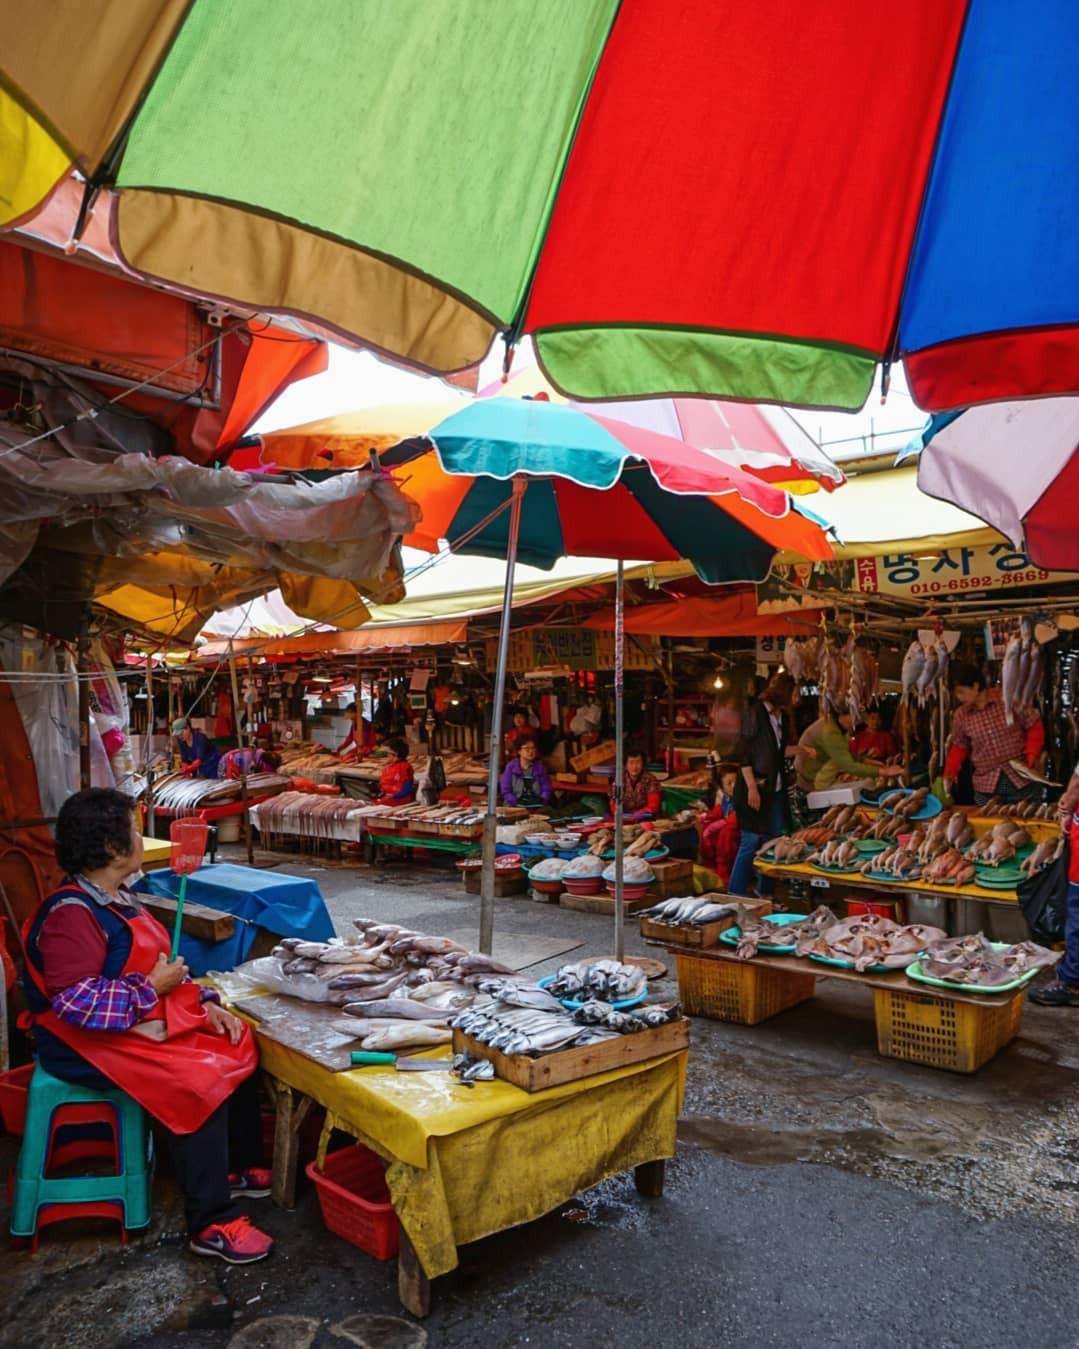 Ăn chơi phủ phê tại 4 khu chợ nổi tiếng nhất Hàn Quốc - Ảnh 4.